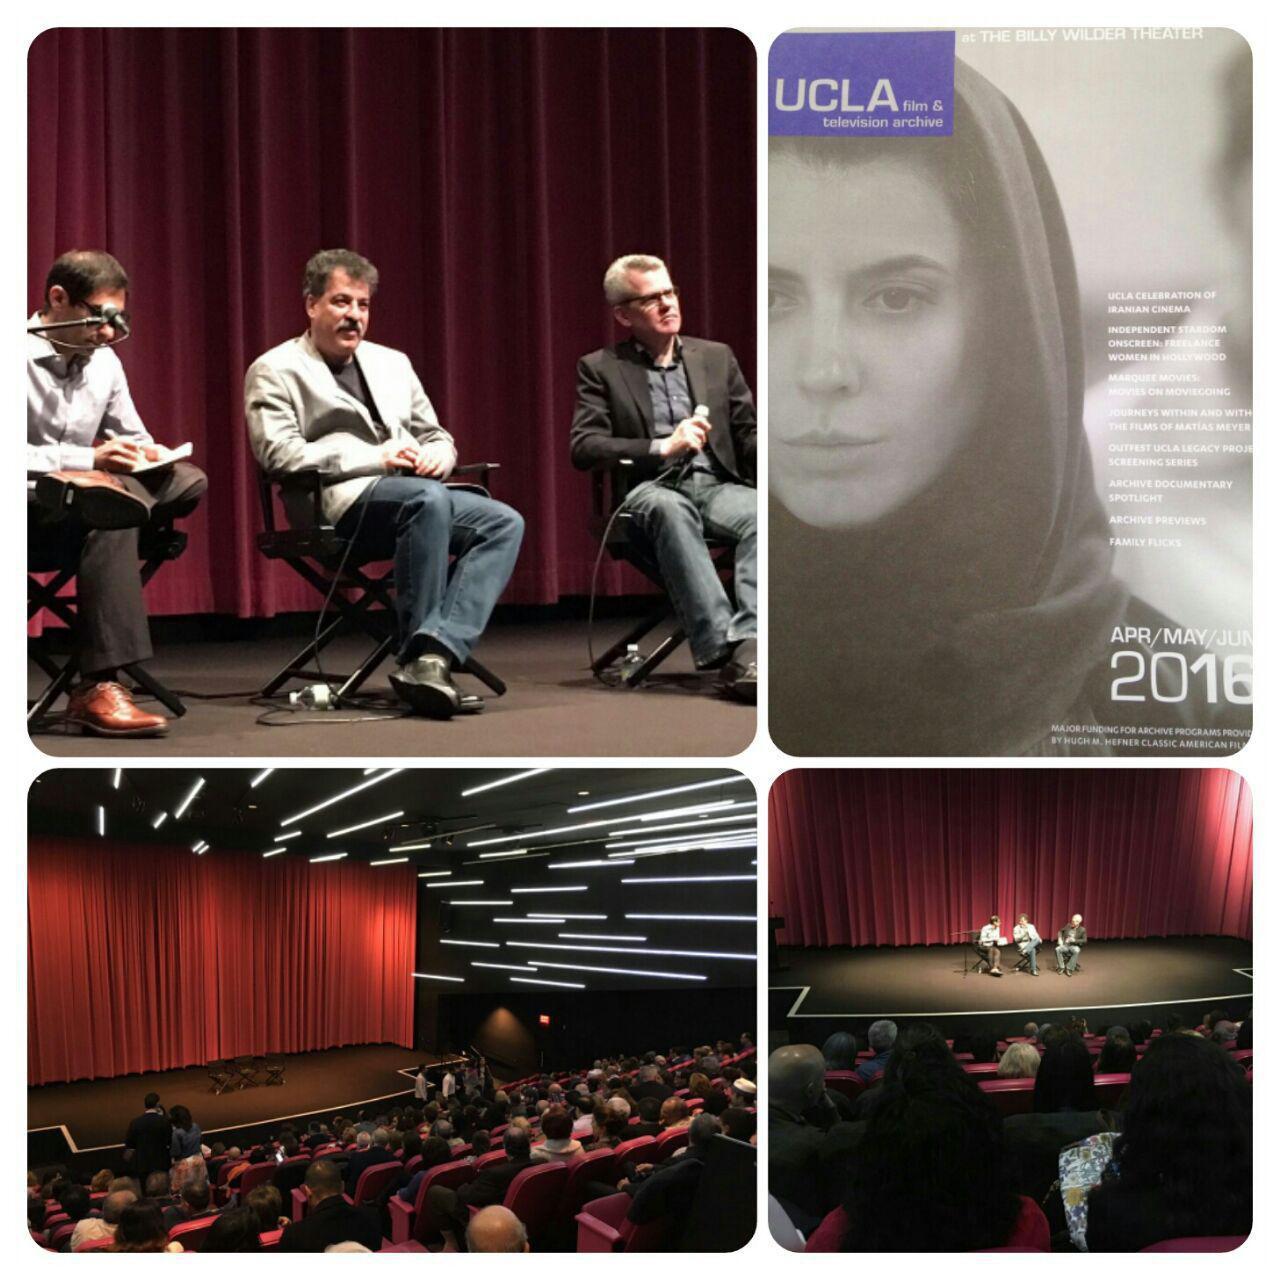 استقبال از «دوران عاشقی» در دانشگاه کالیفرنیا  UCLA